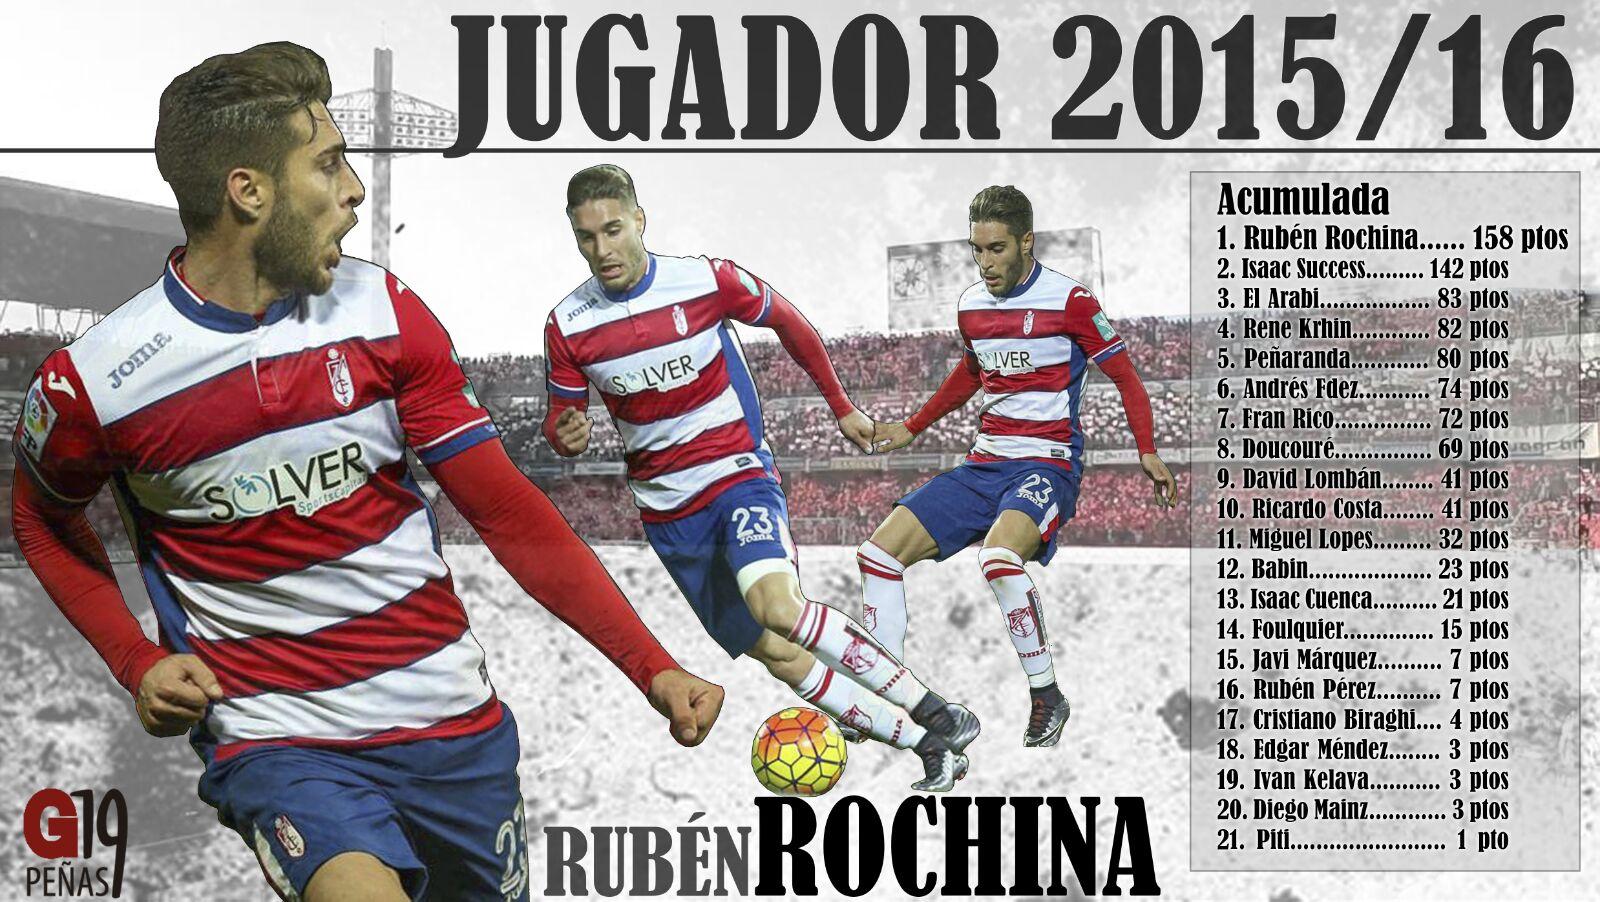 Rochina. Jugador G19 temporada 2015/16